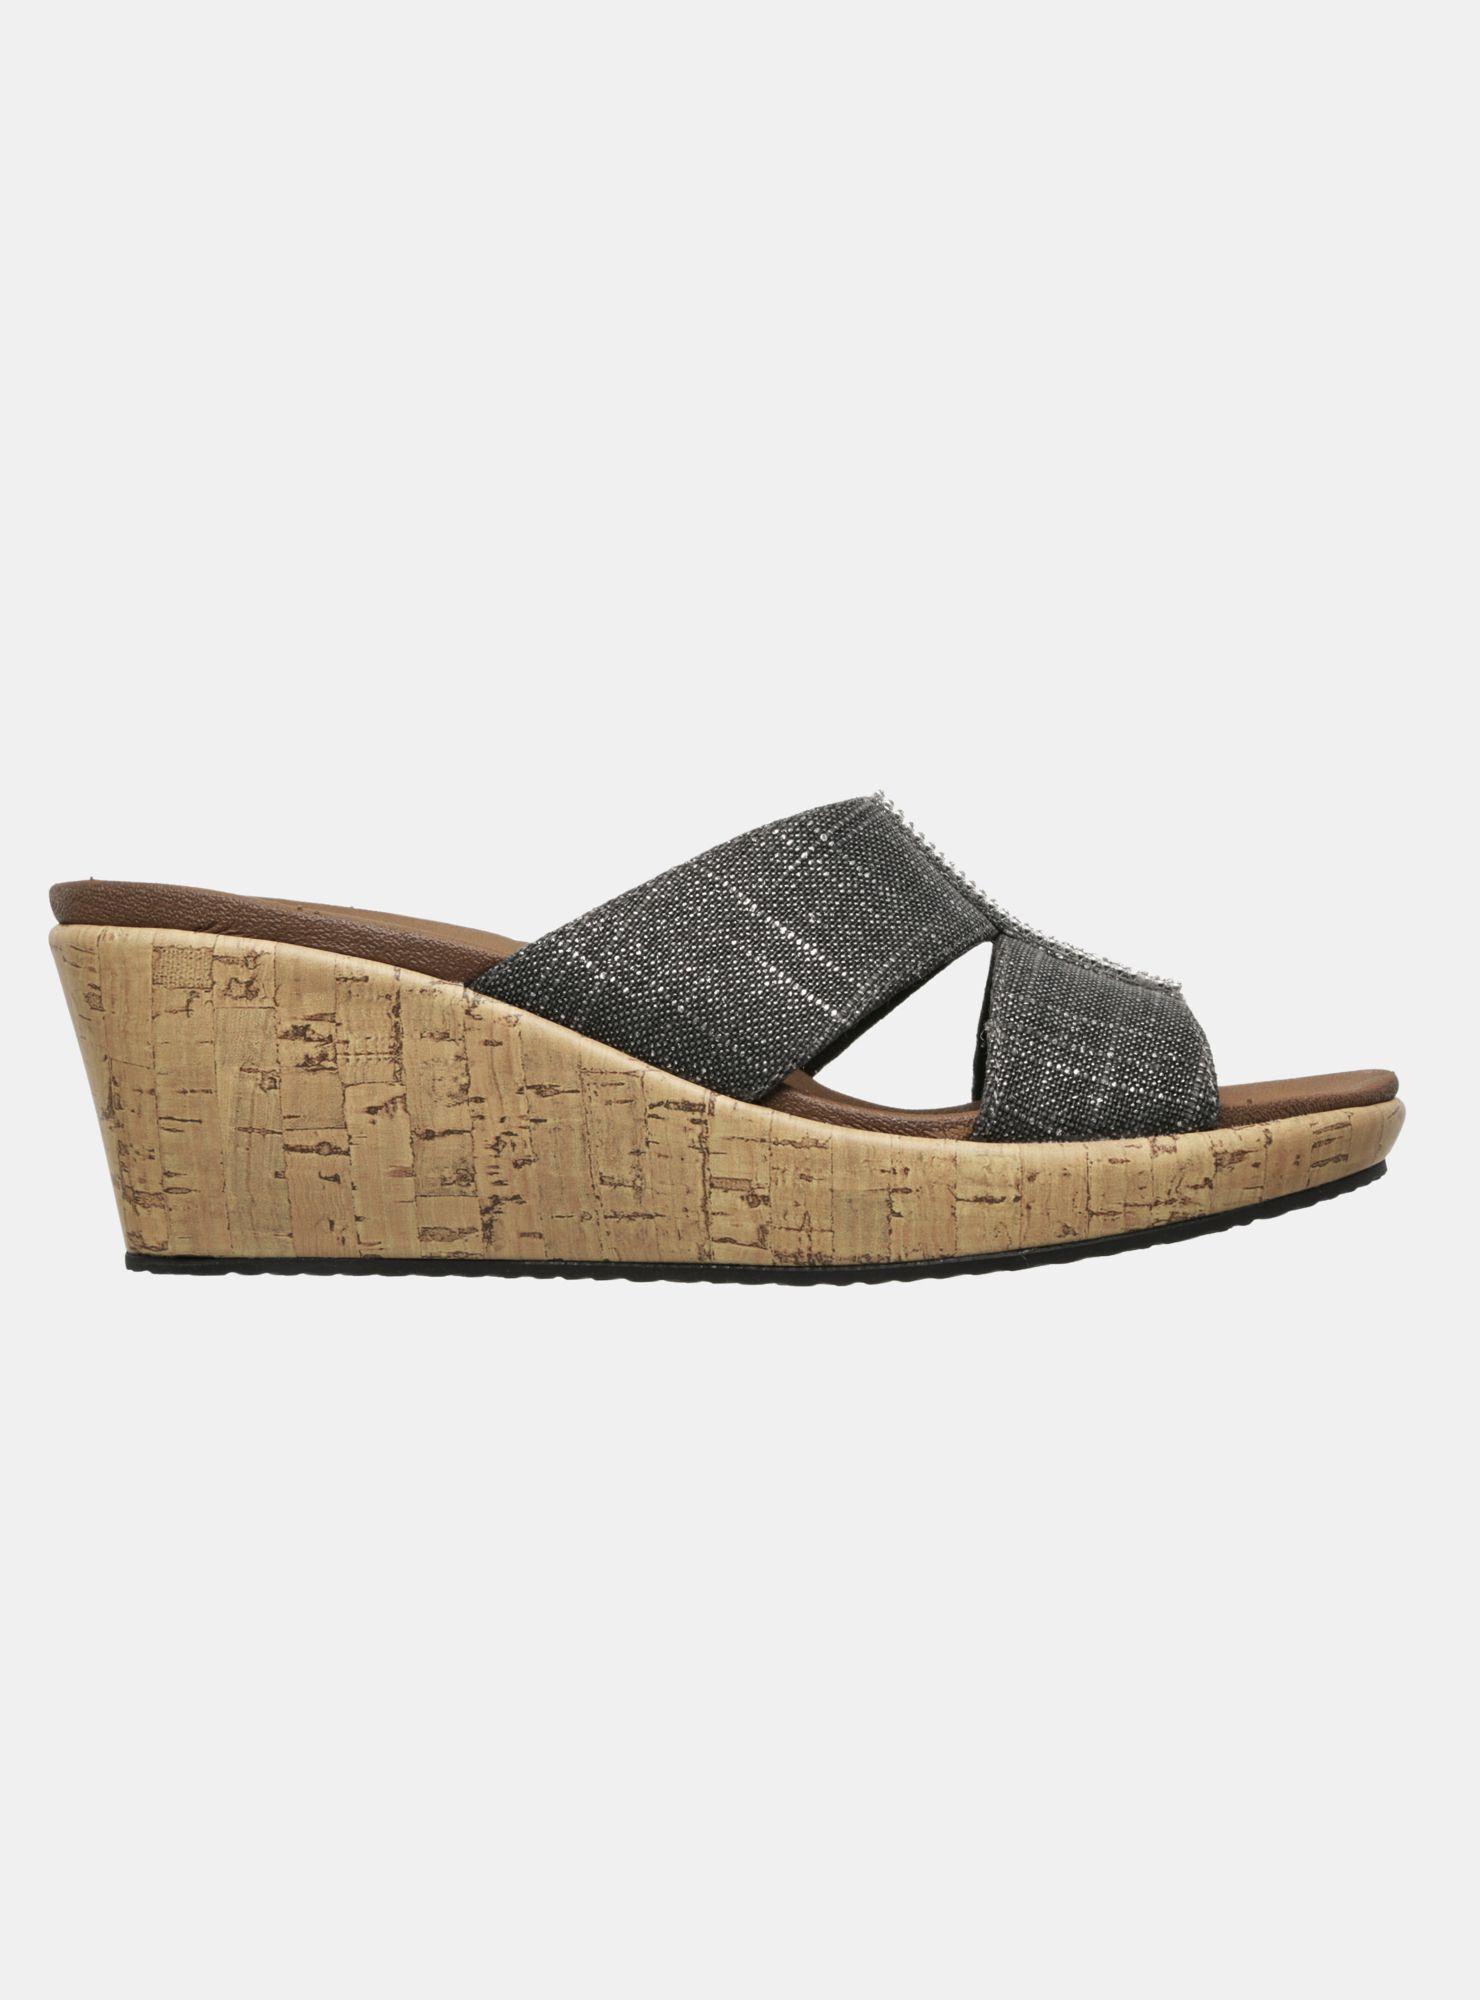 Mujer Los Zapatos Que cl Te GustanParis Más nPyvN80mwO